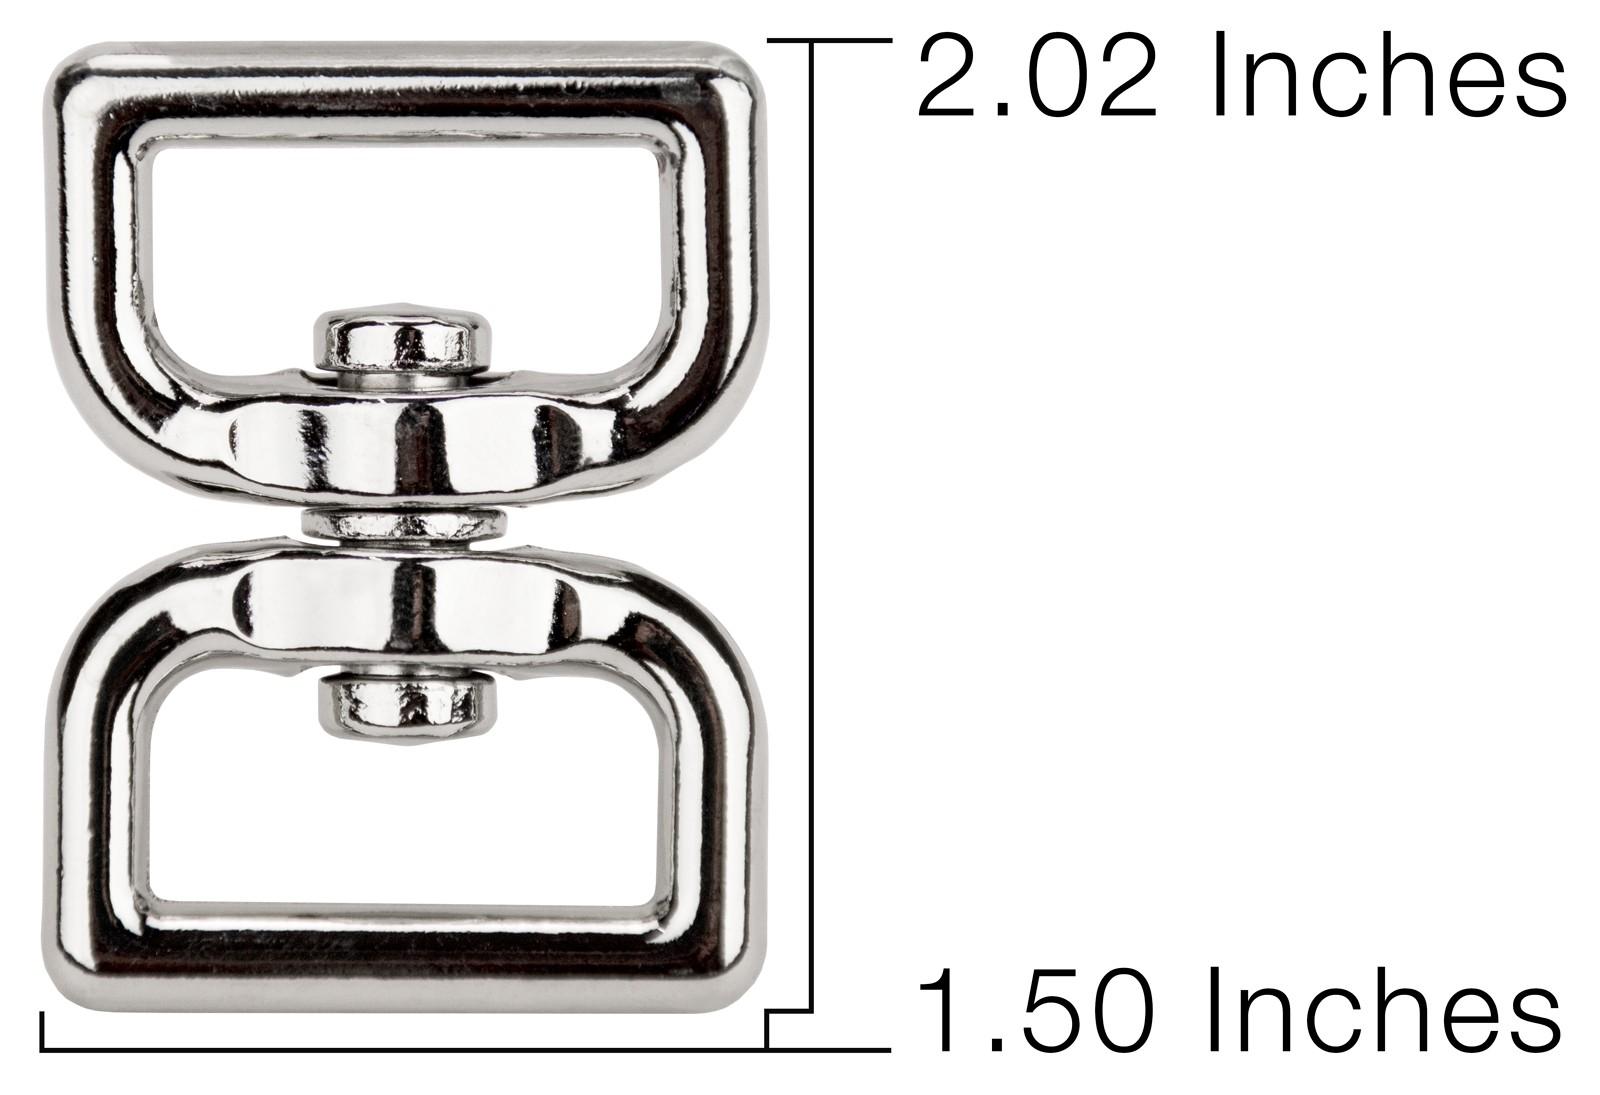 Buy 1 Inch Rectangle Double Eye Swivel Rings Online